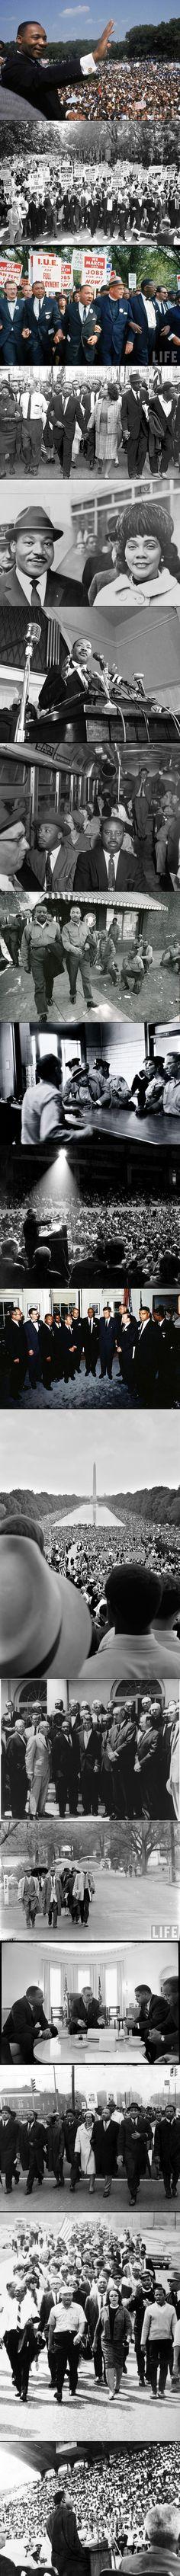 Martin Luther King. (1929–1968) Foi um dos defensores da mudança social não violenta mais conhecidos do século XX. As excepcionais habilidades de oratória e valentia pessoal de King atraíram a atenção nacional inicialmente em 1955 quando ele e outros ativistas dos direitos civis foram presos após liderar um boicote de uma companhia de transportes de Montgomery, Alabama, por exigir que os negros cedessem os seus lugares aos brancos e ficassem de pé ou sentados na parte de trás do autocarro.